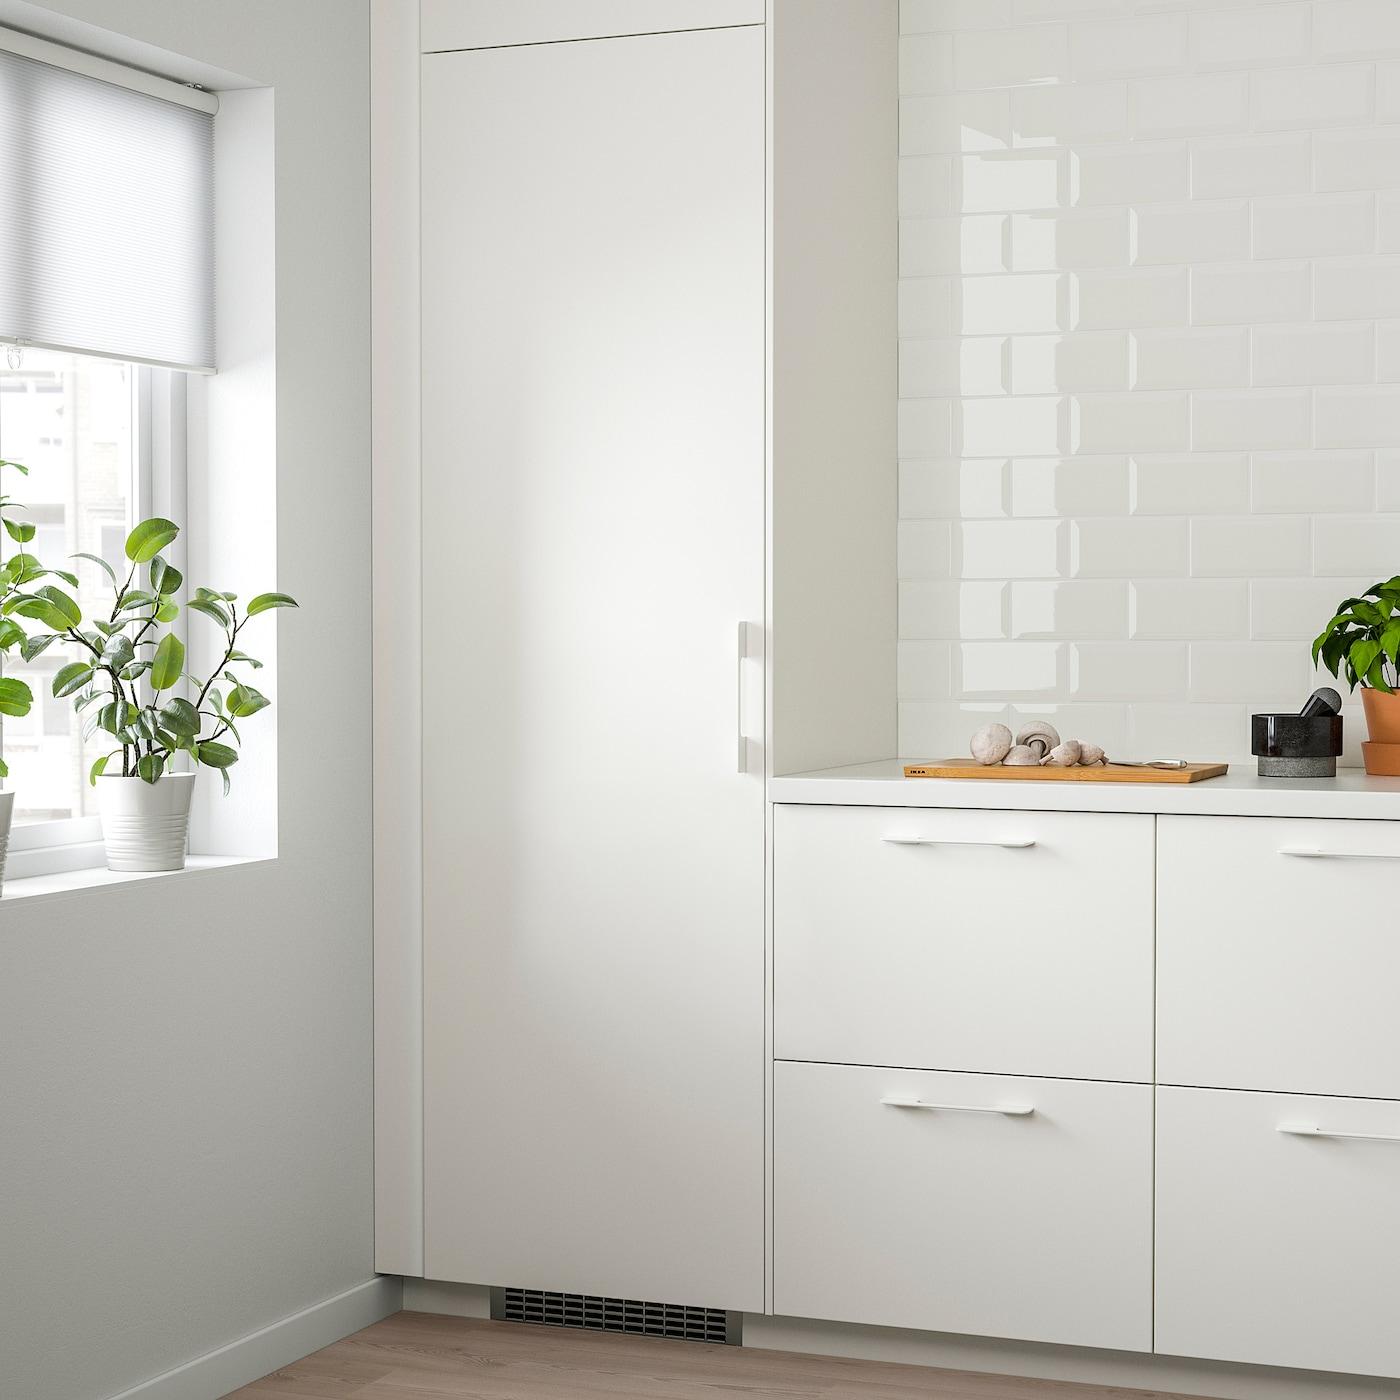 Dimension Frigo Encastrable Ikea frostig réfrigérateur encastrable a++ - blanc 314 l